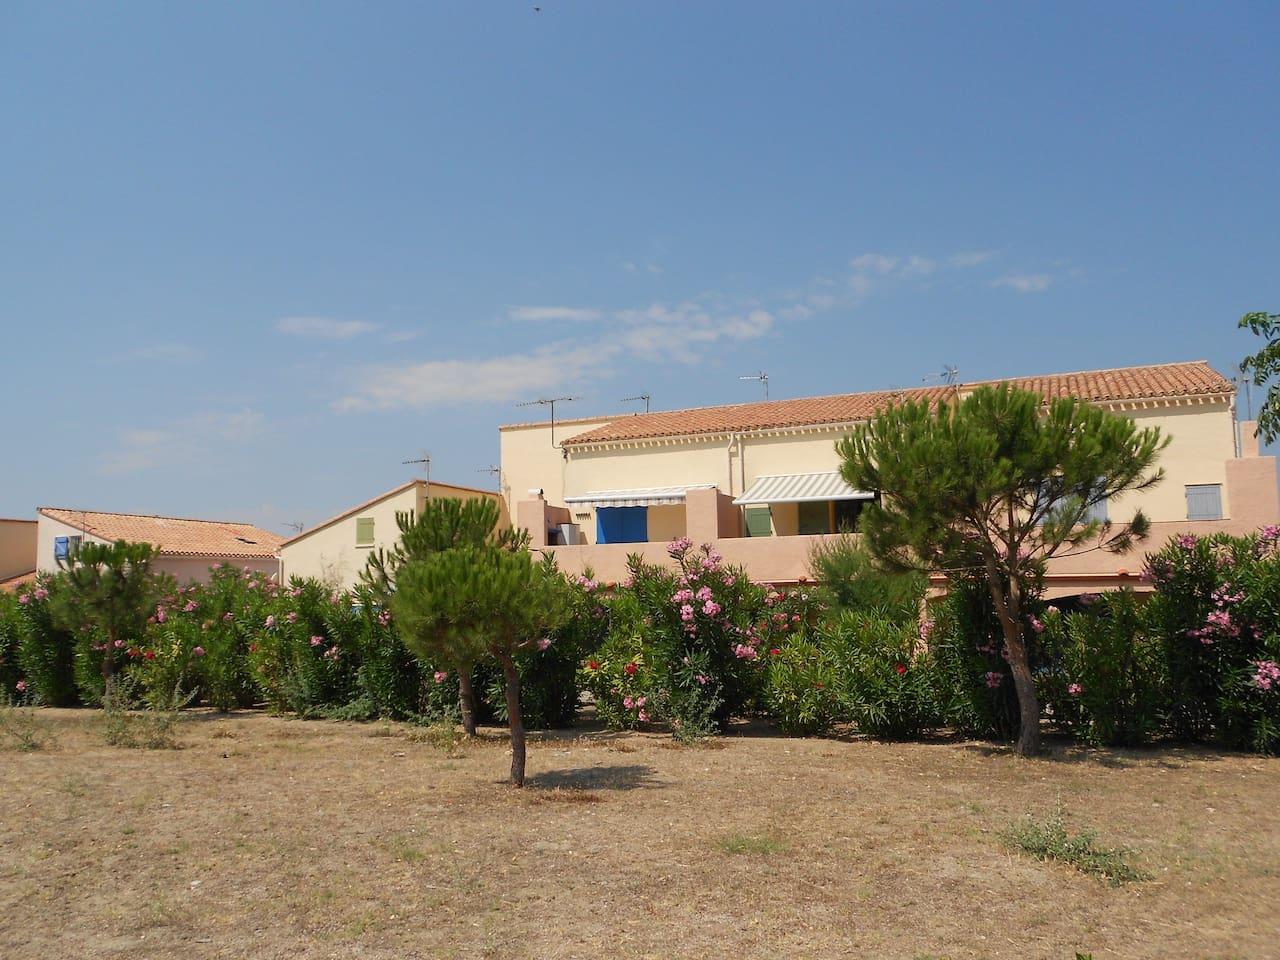 Vue du parc sur la résidence (appartement volets bleus foncés gauche)